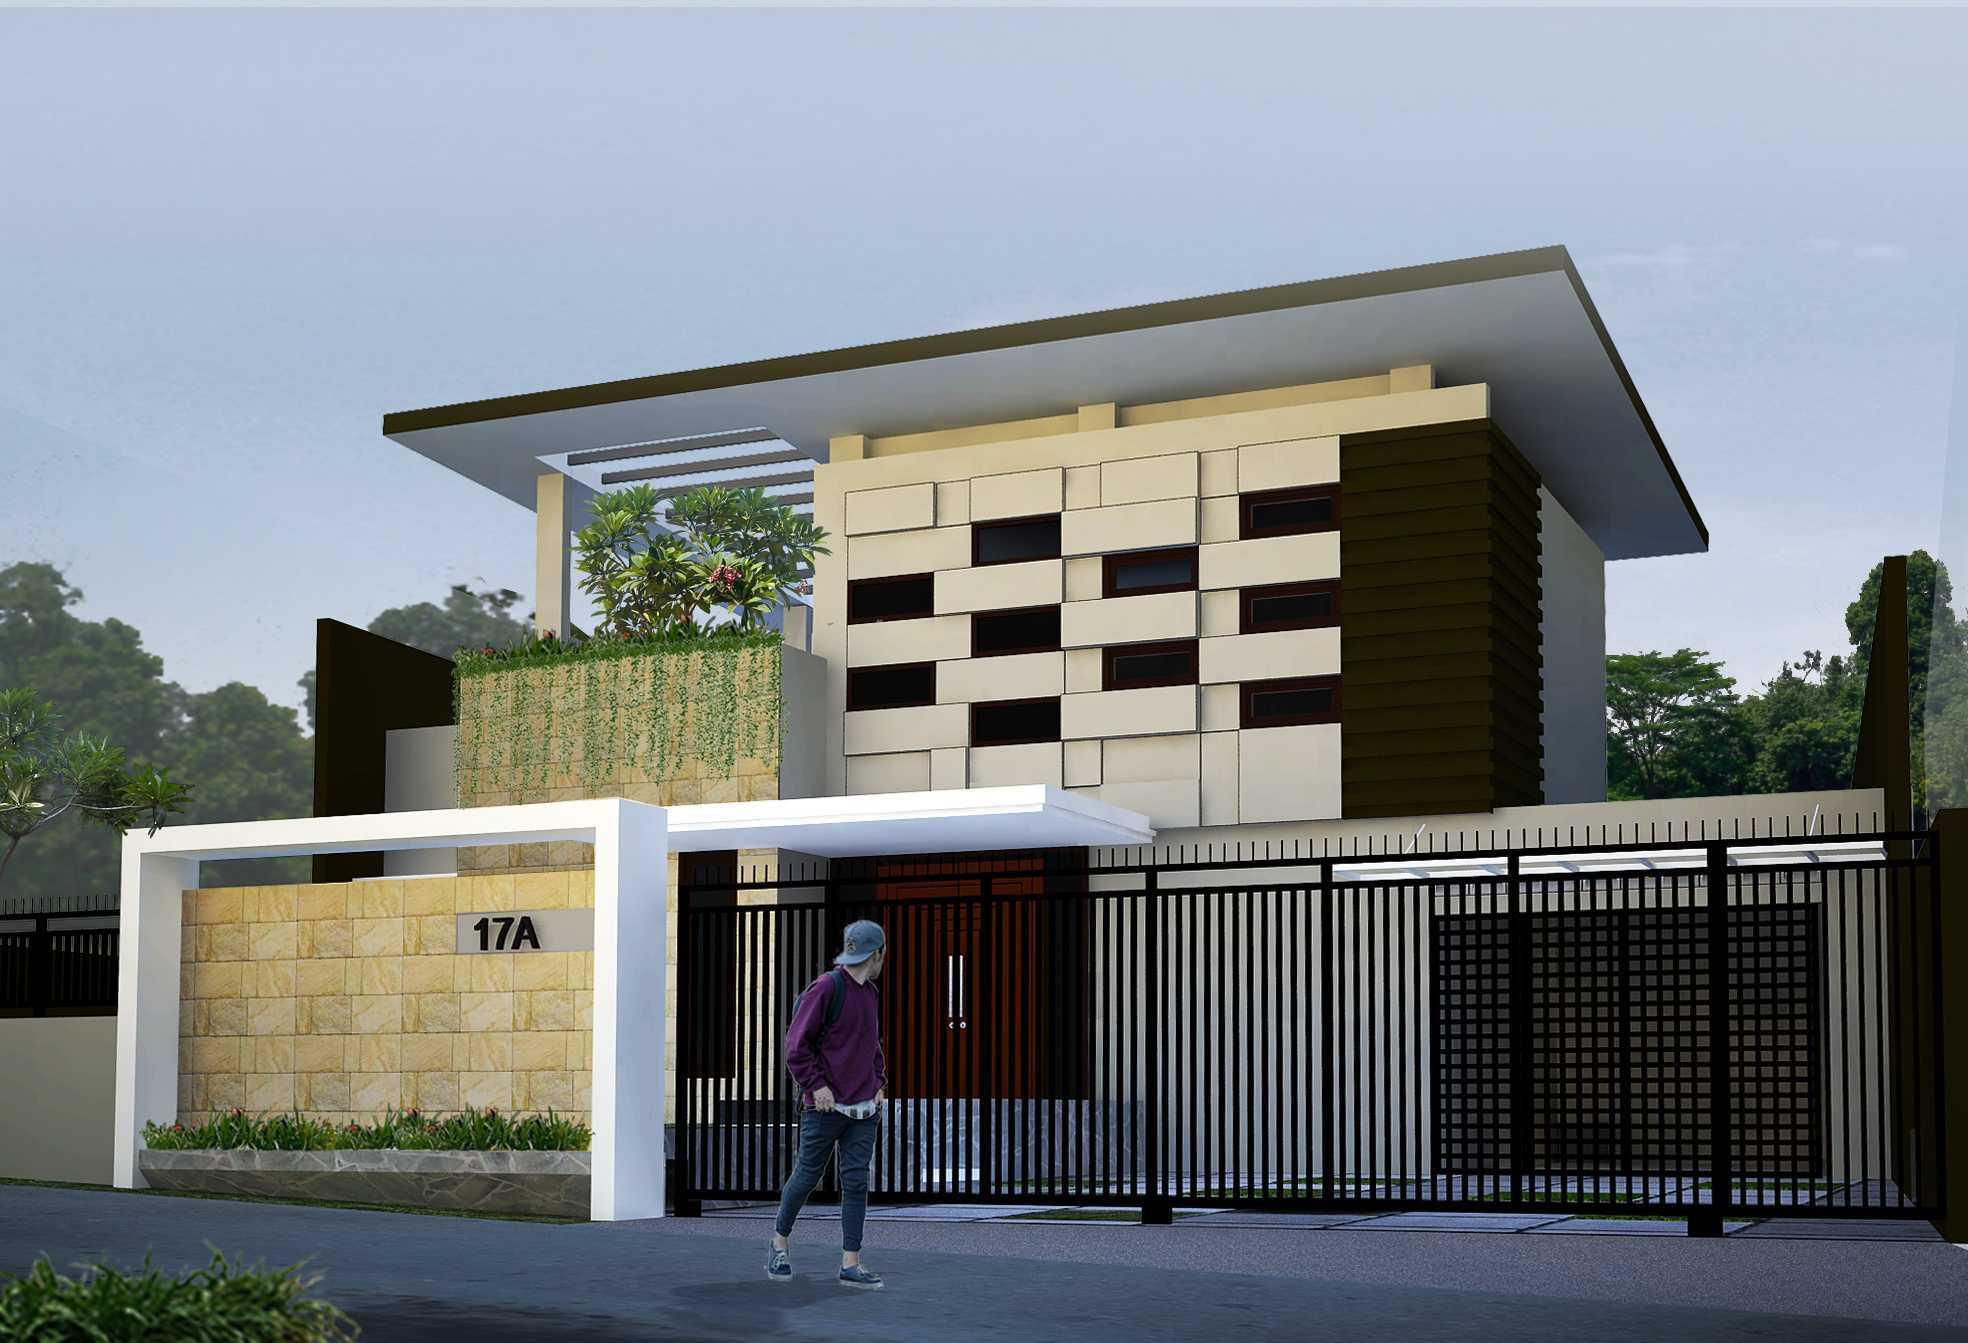 Daun Architect Rumah Tinggal Cigadung Selatan I No.17A Bandung, Kota Bandung, Jawa Barat, Indonesia Bandung, Kota Bandung, Jawa Barat, Indonesia Daun-Architect-Rumah-Tinggal-Cigadung-Selatan-I-No17A  63506